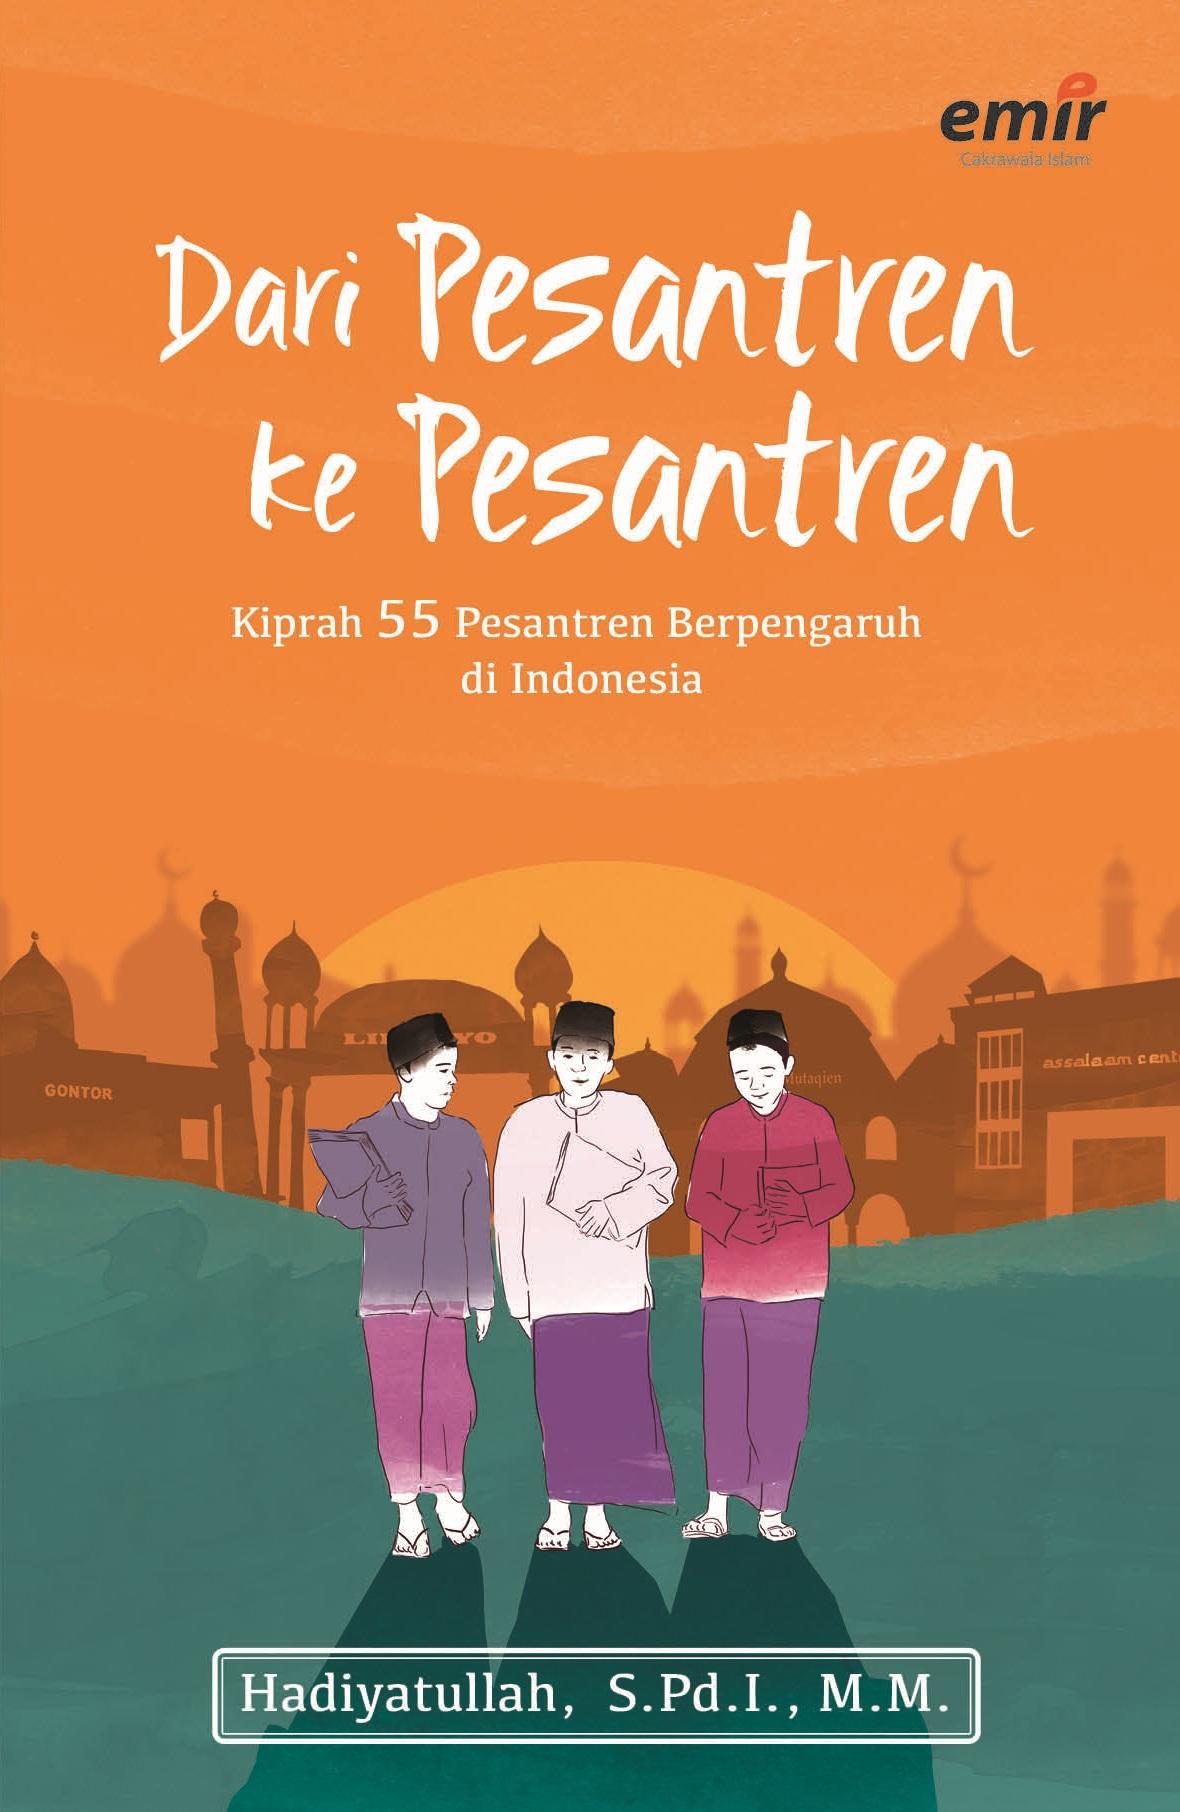 Dari Pesantren ke Pesantren; Kiprah 55 Pesantren Berpengaruh di Indonesia